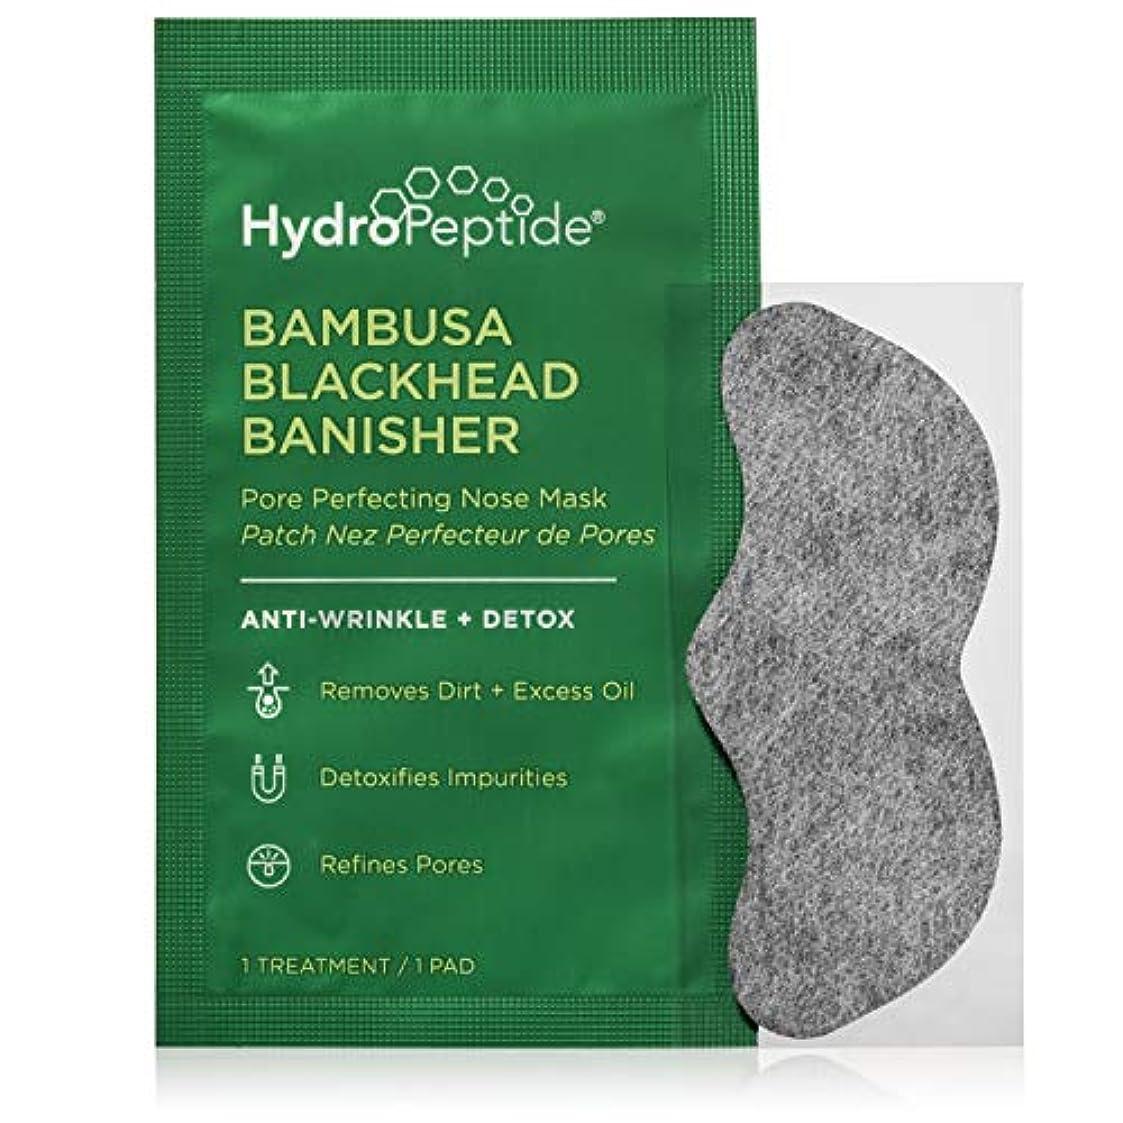 大破優勢地球ハイドロペプチド Bambusa Blackhead Banisher Pore Perfecting Nose Mask 8sheets並行輸入品